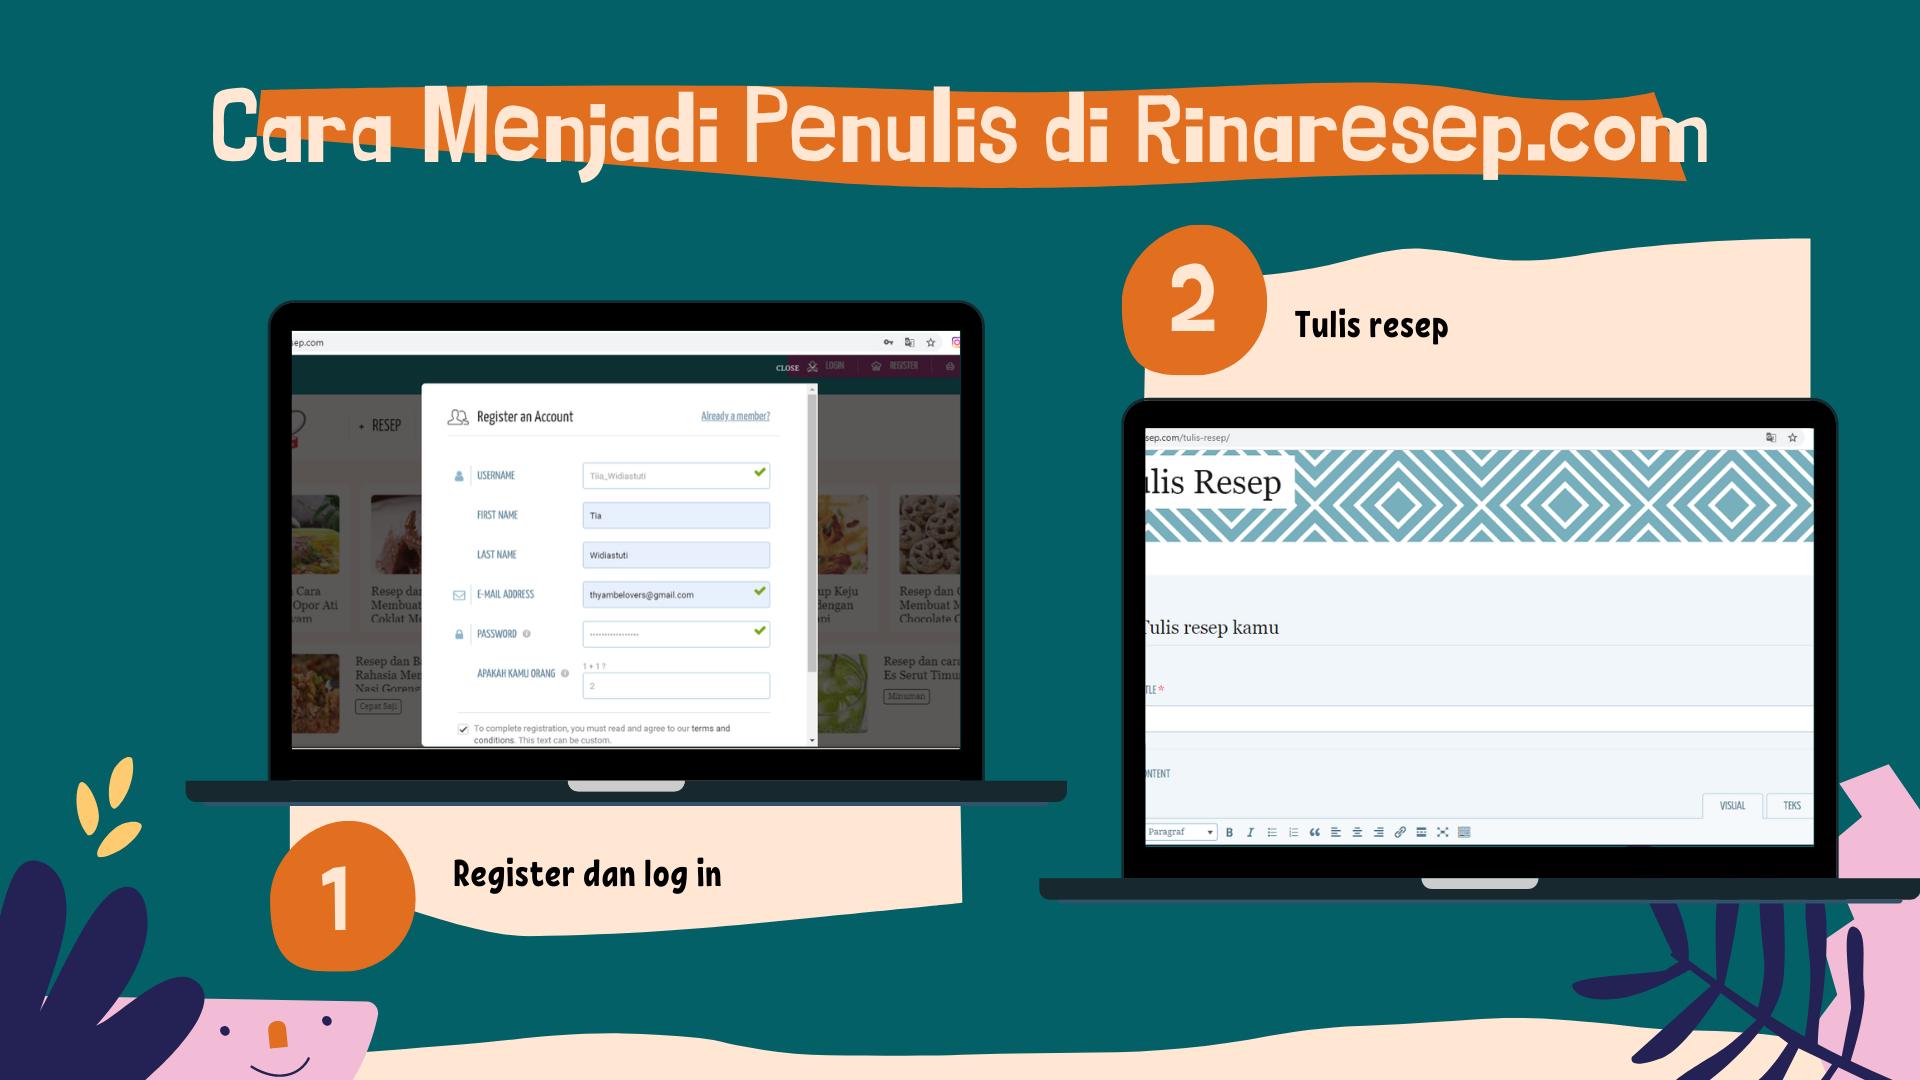 Cara Menjadi Penulis di Rinaresep.com